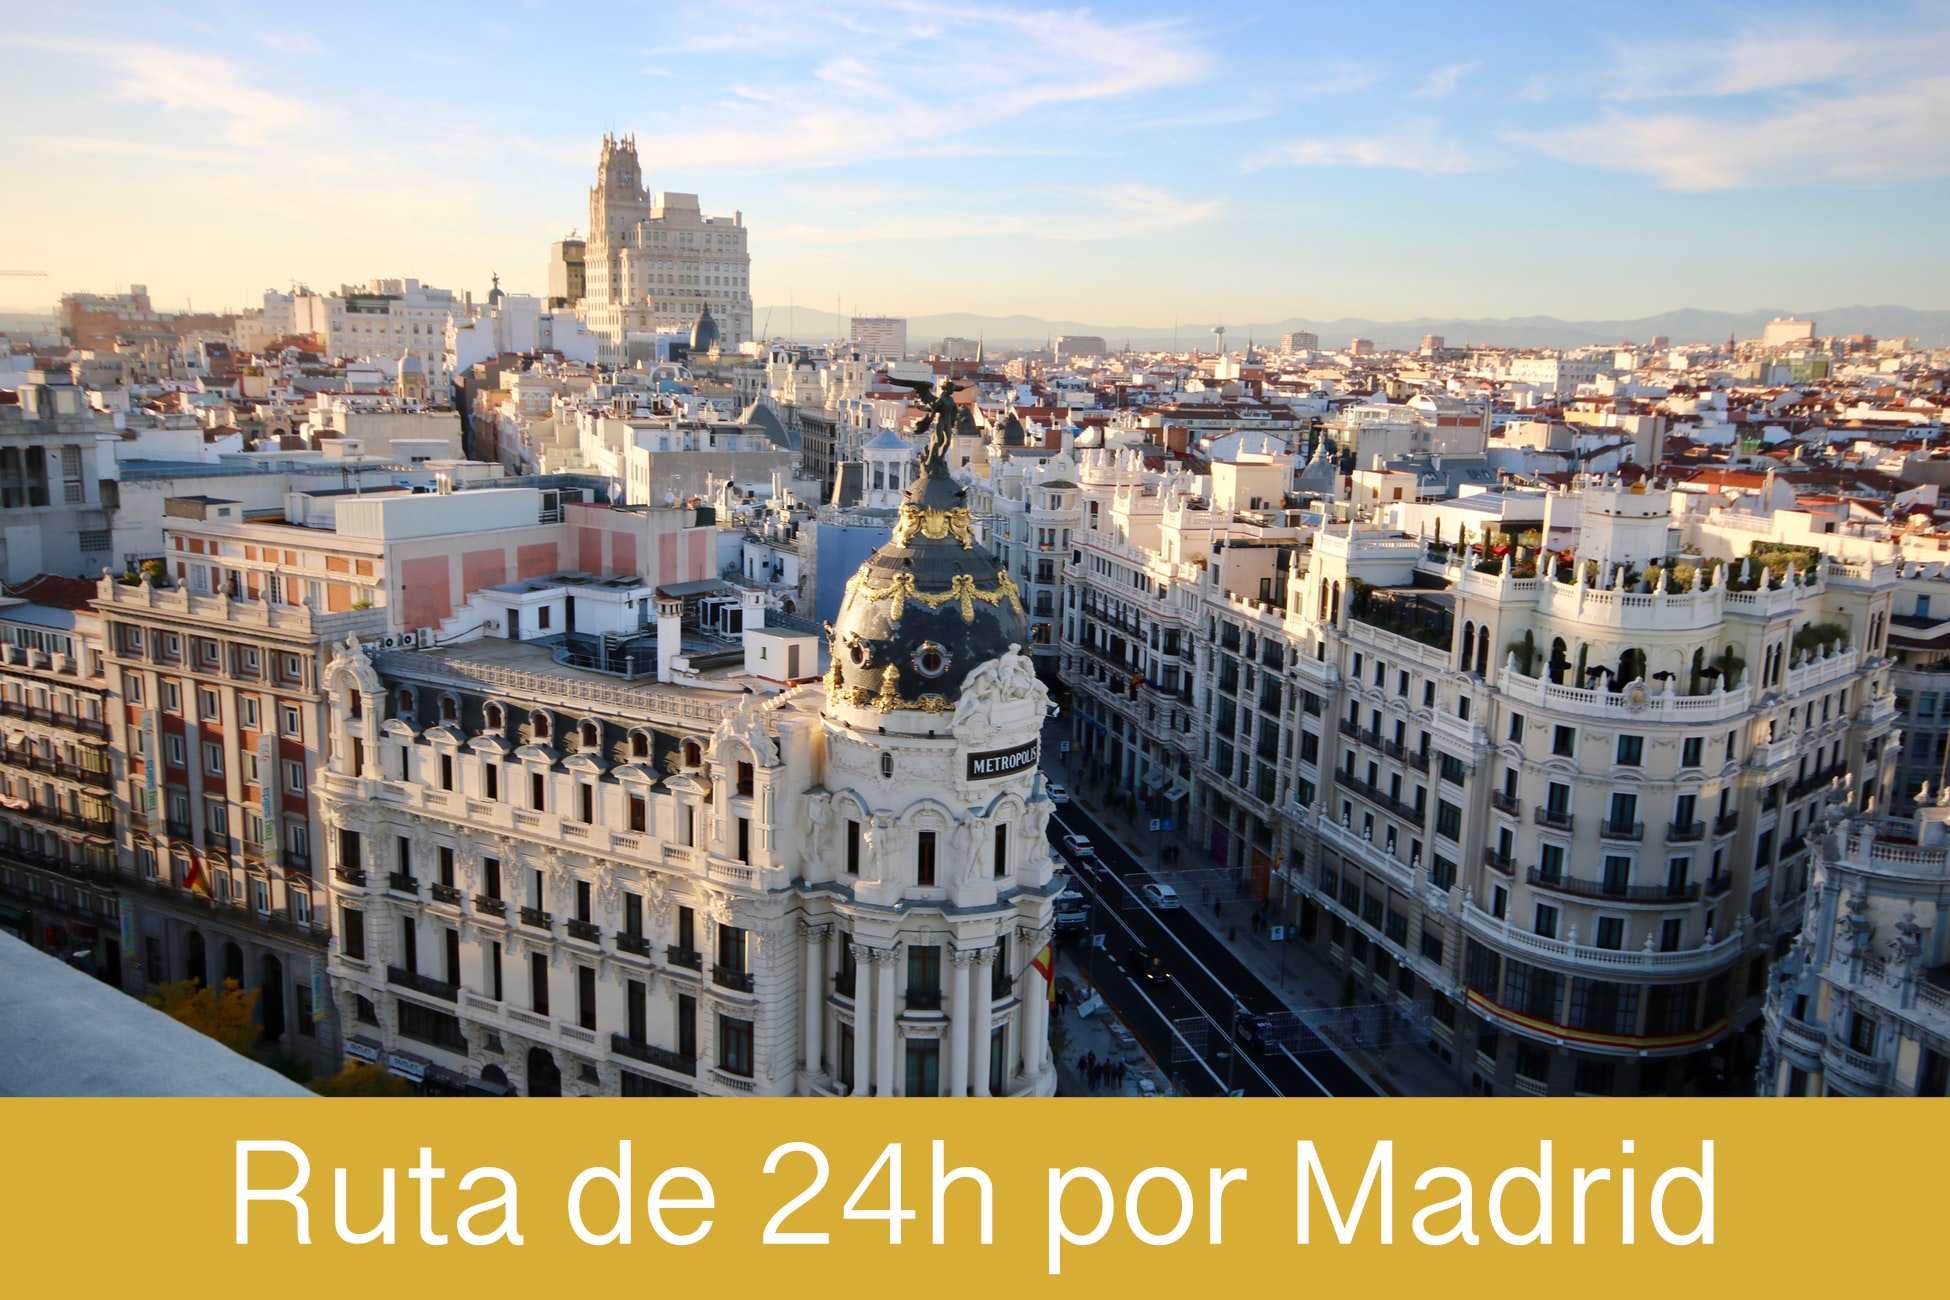 Ruta de 24 horas por Madrid